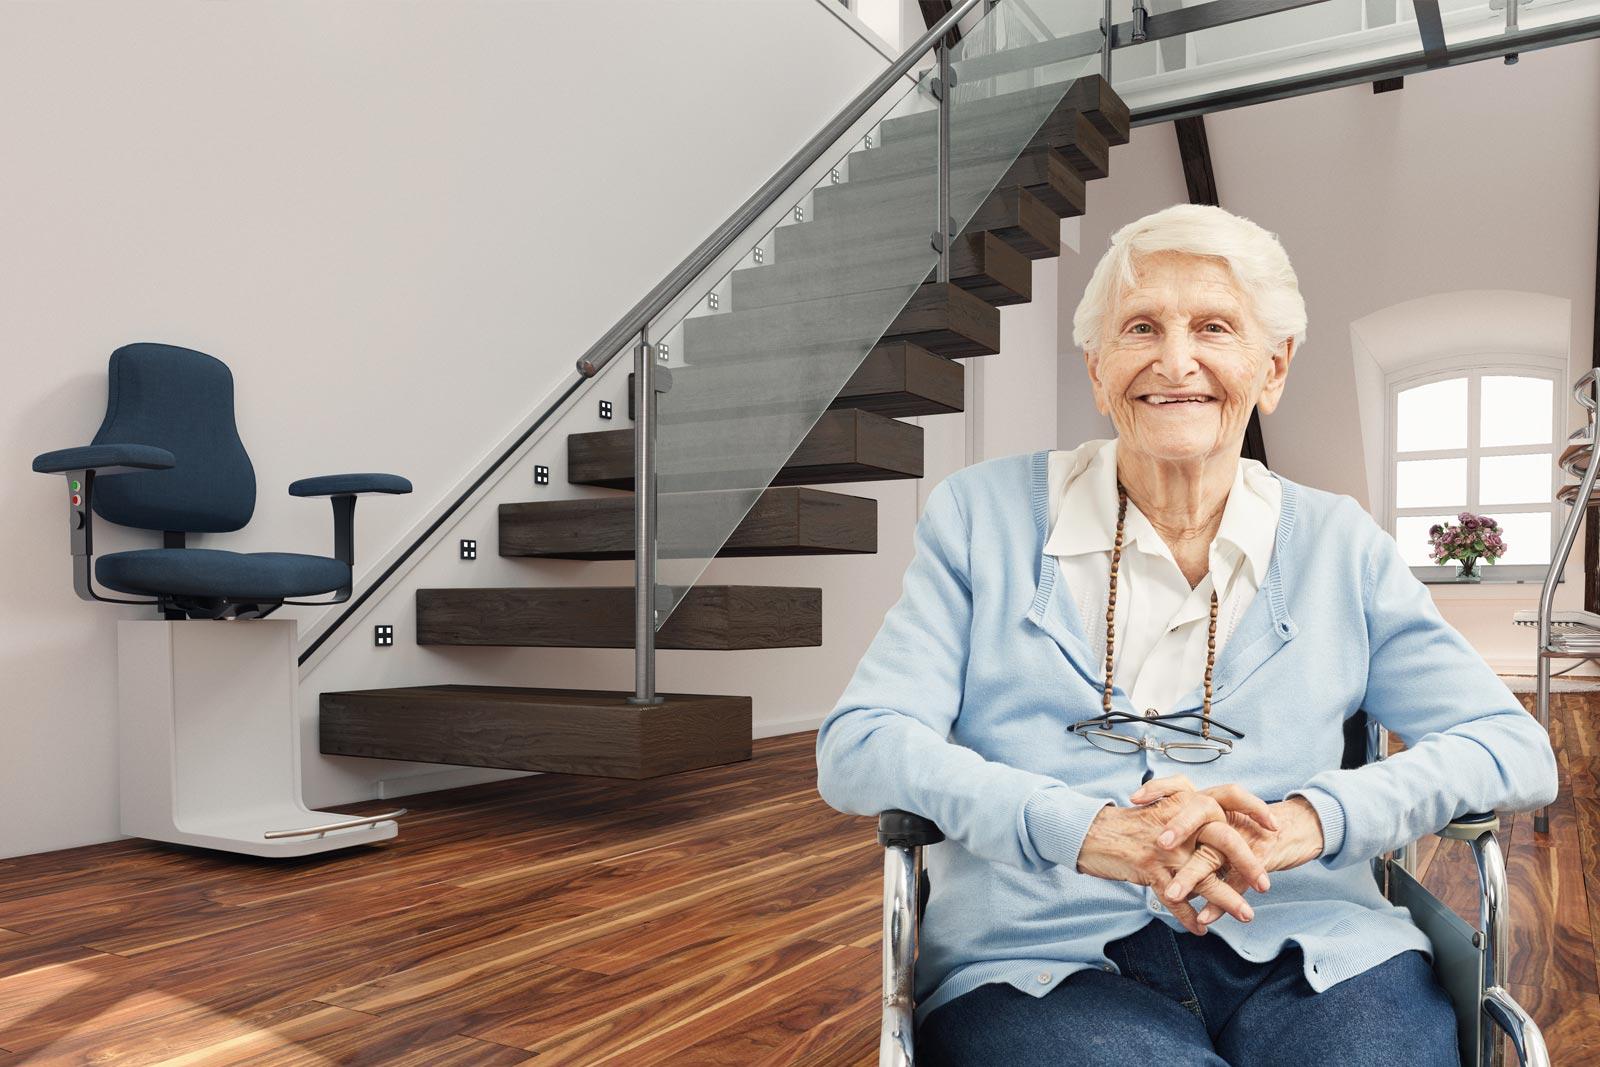 Merz-Immobilien-Rottweil-Im-Alter-in-der-eigenen-Immobilie